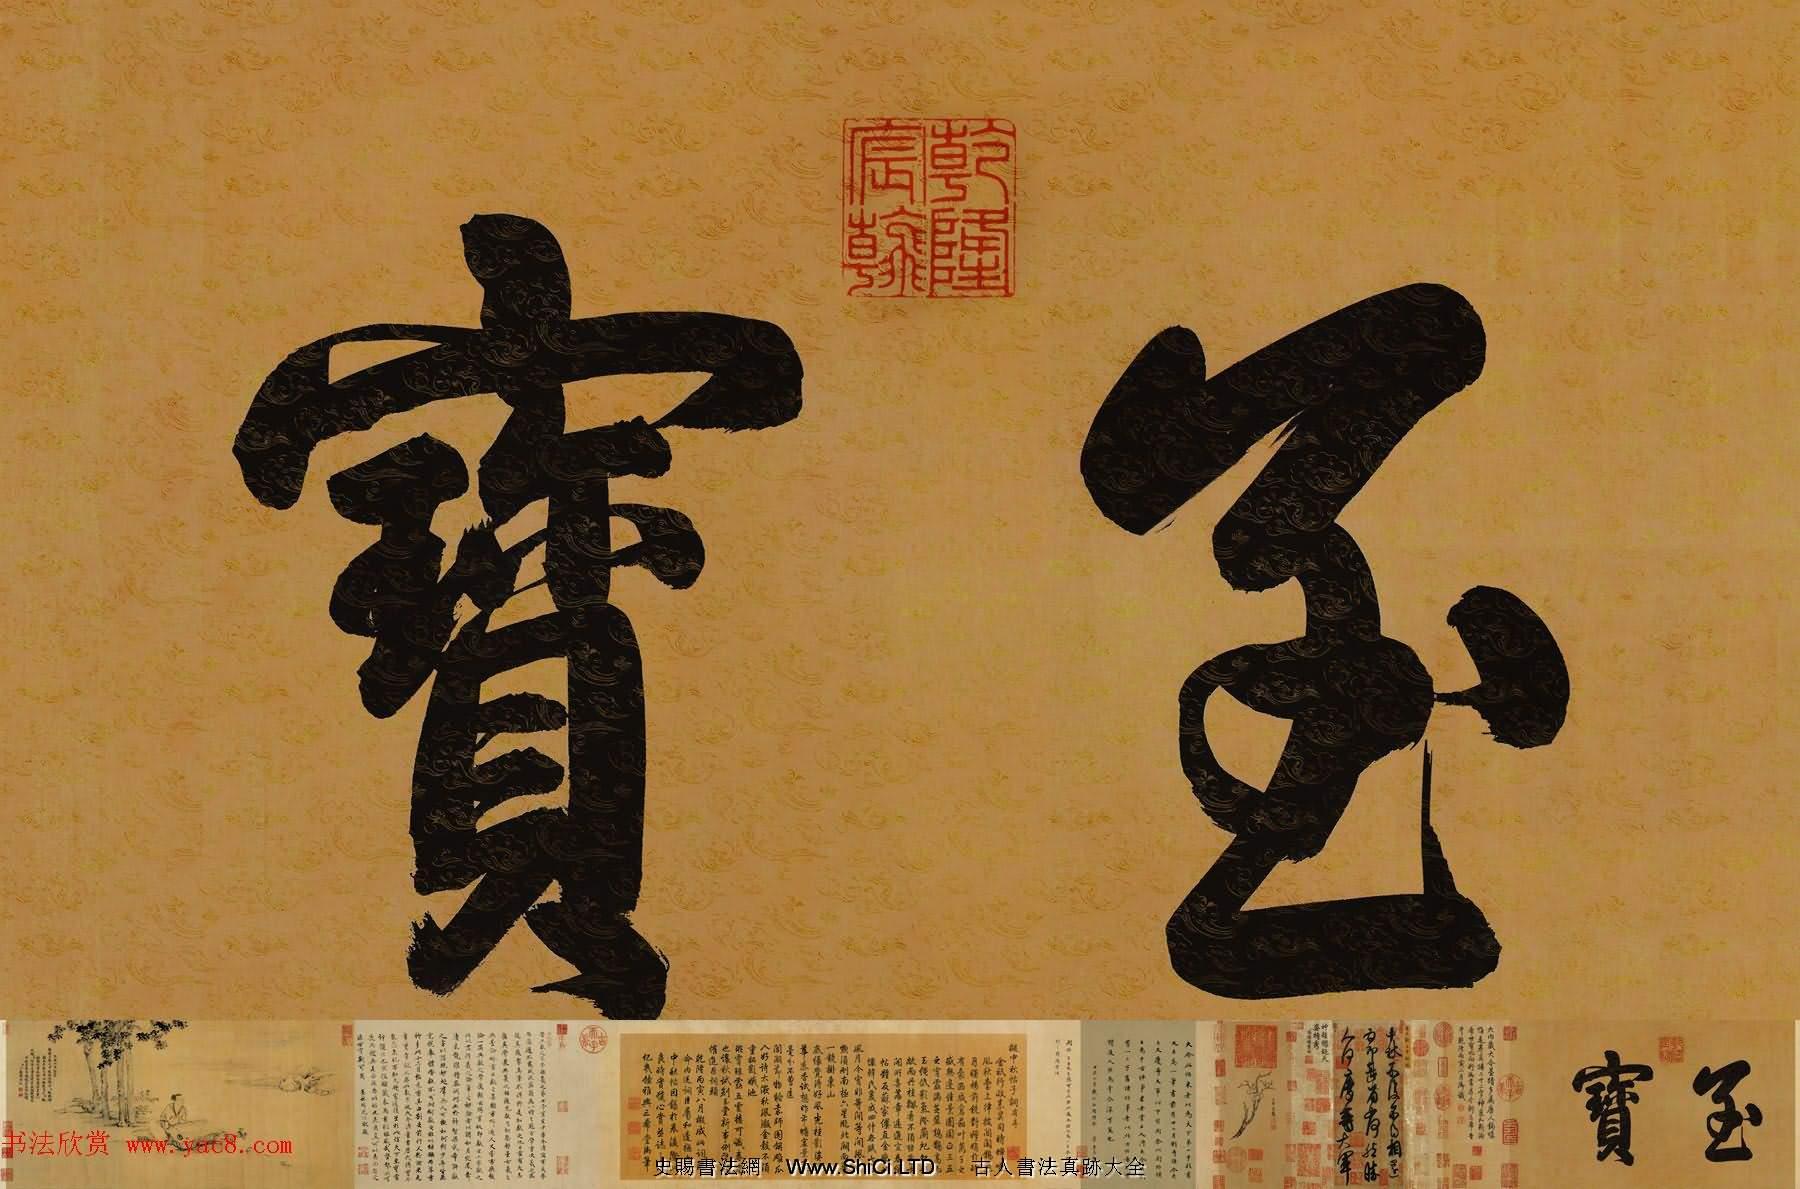 希世珍寶:王獻之草書手卷《中秋帖》高清本(共8張圖片)